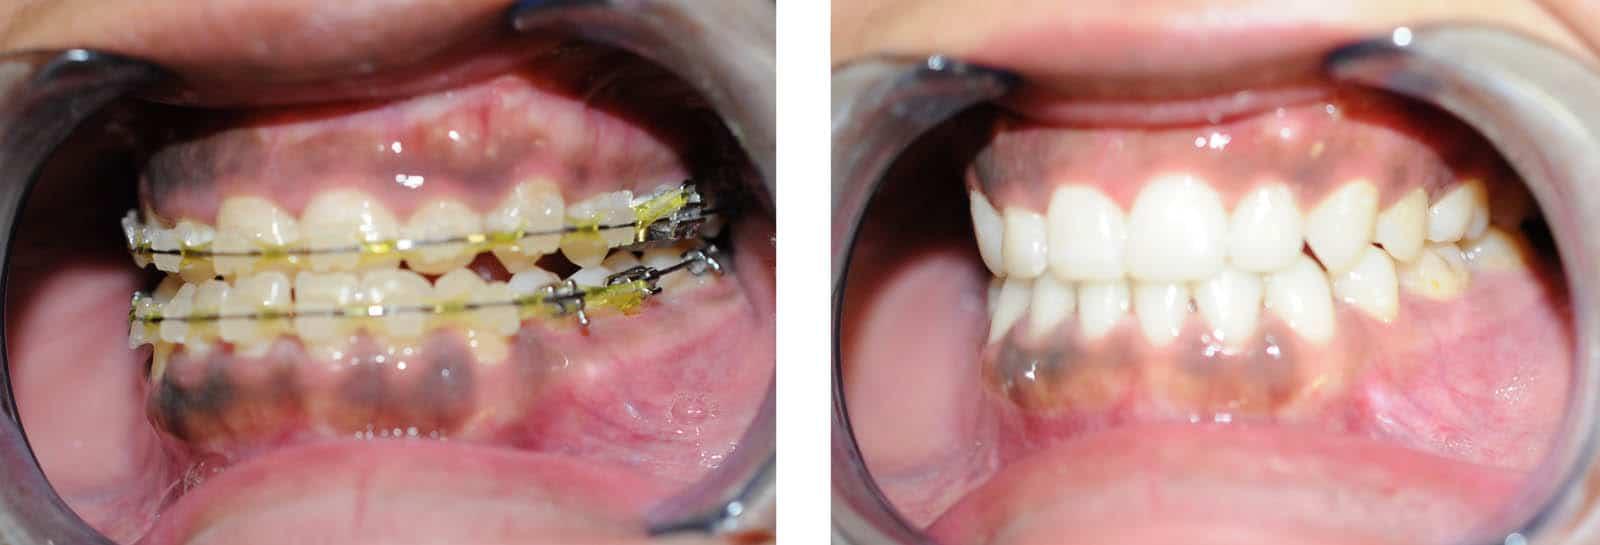 cas chirurgie apnee du sommeil avancement maxillaire vue intra orale